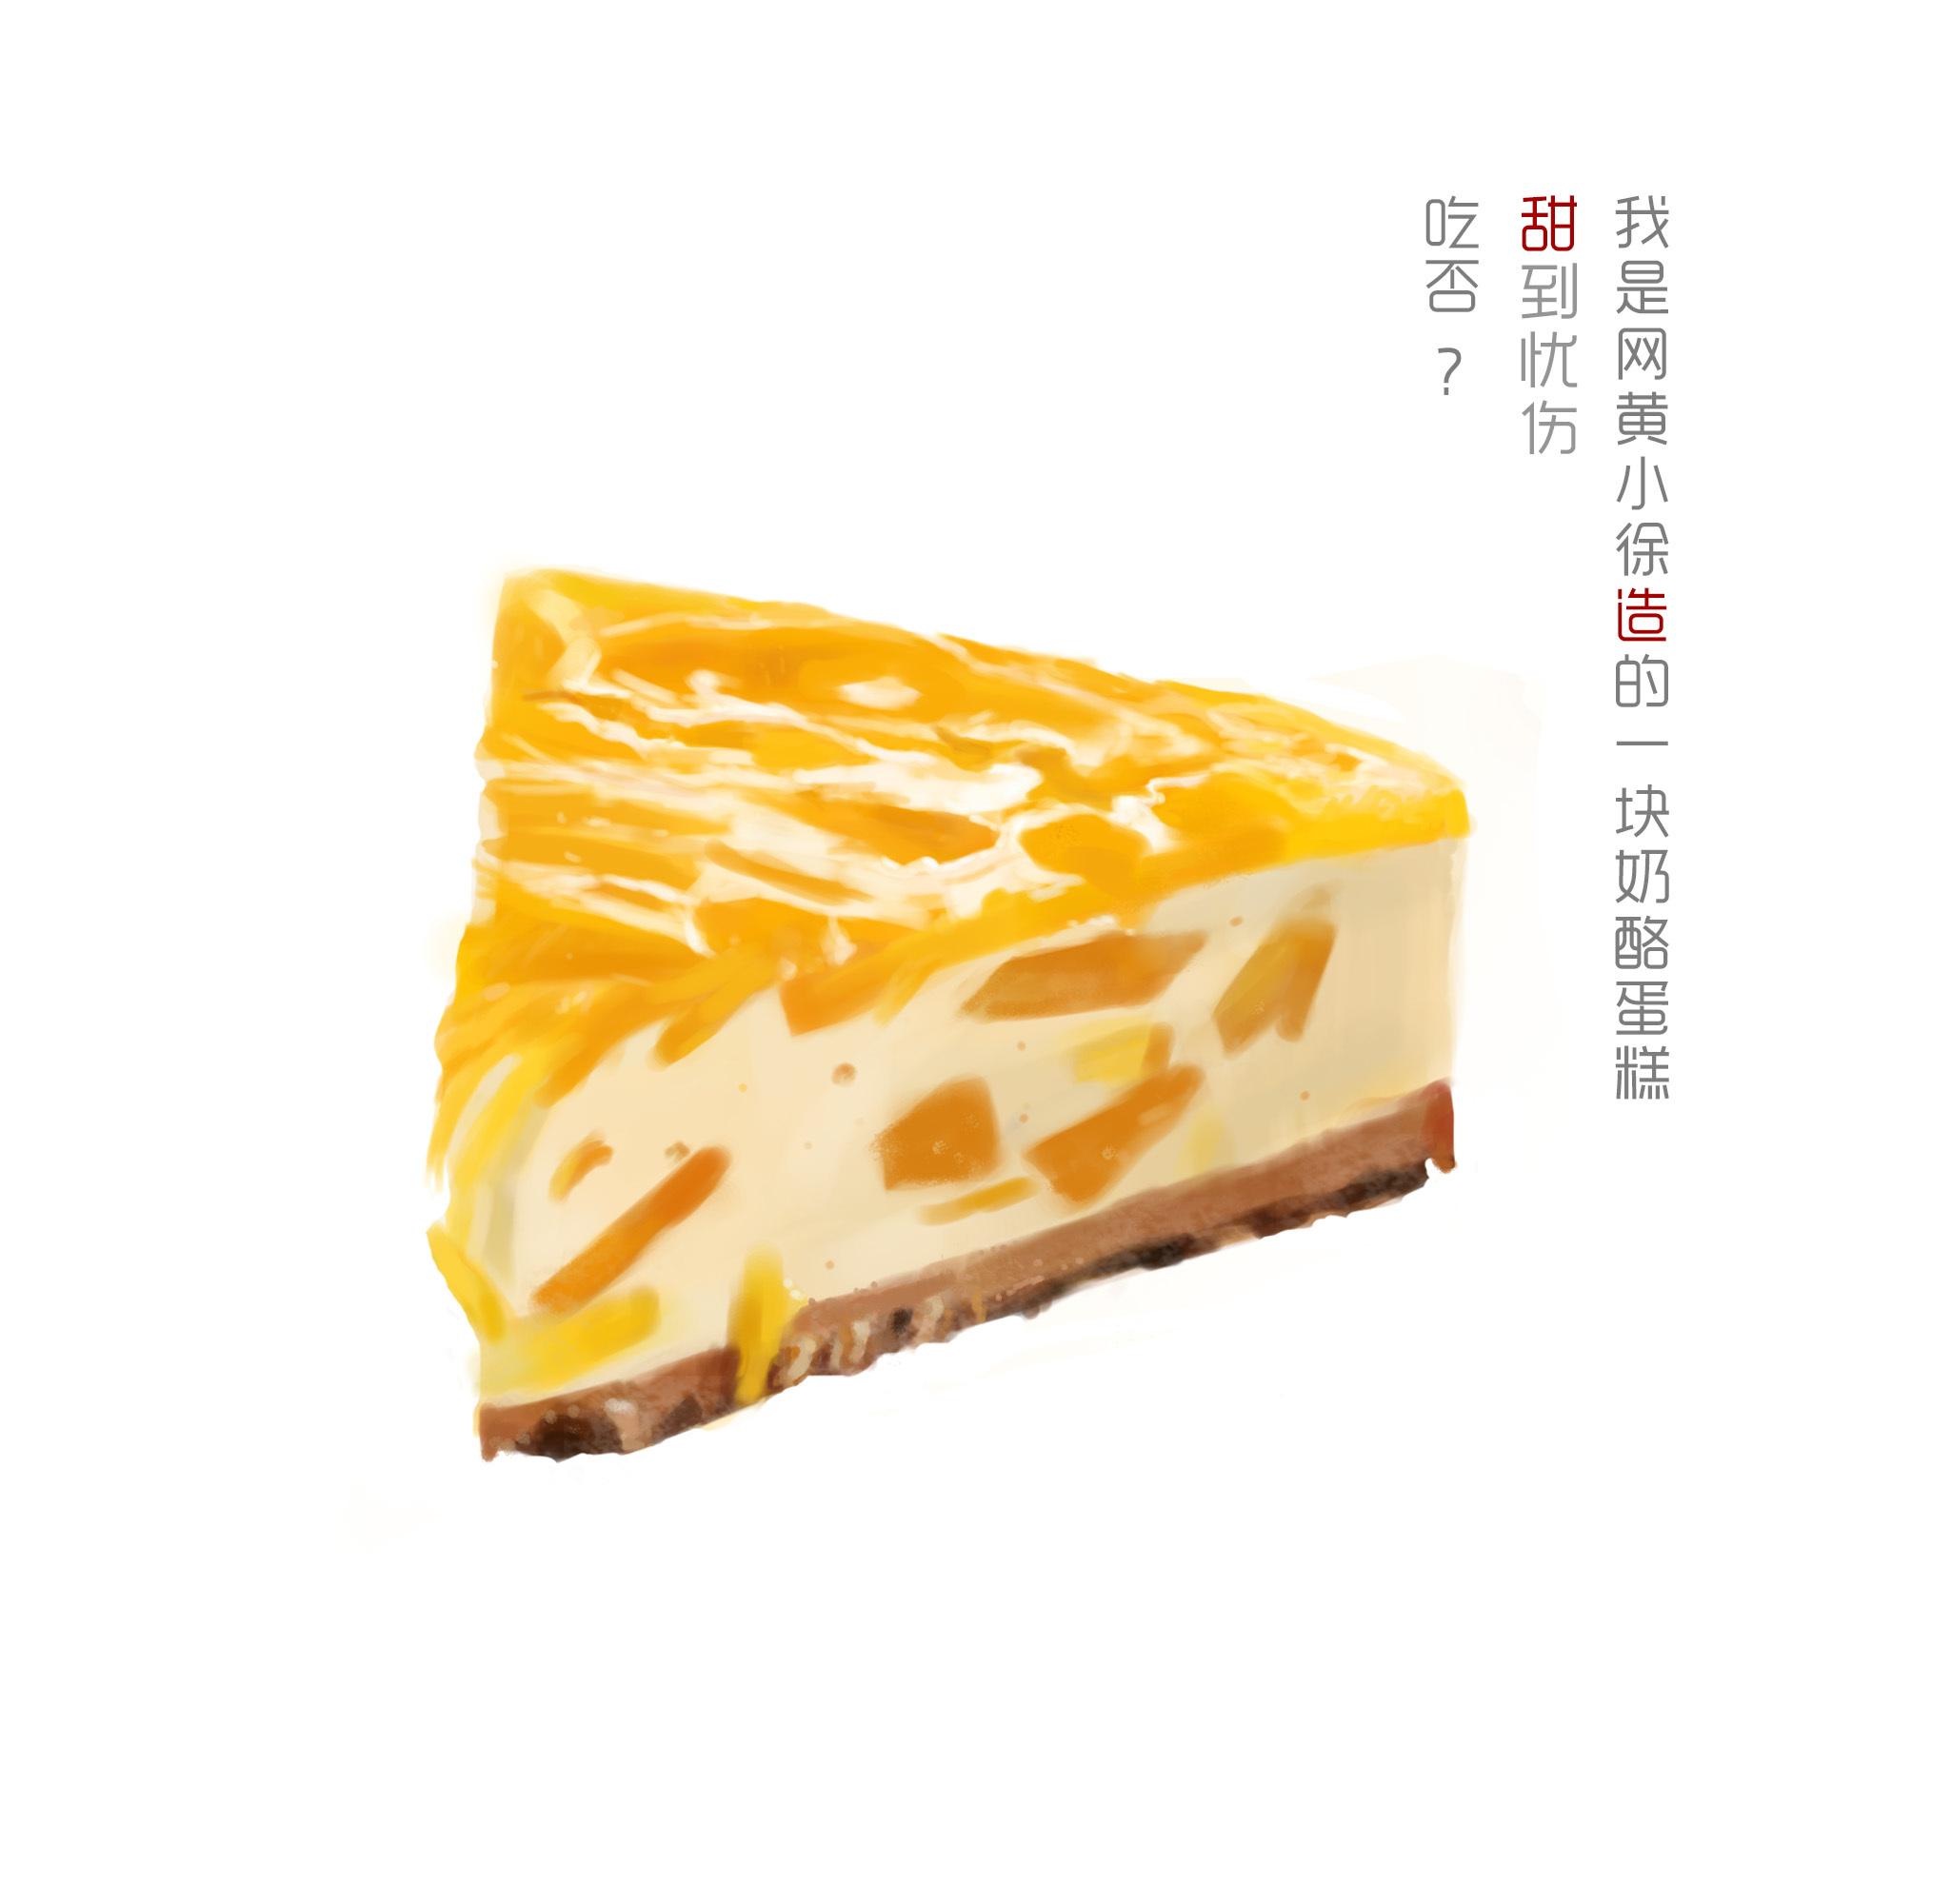 手绘奶酪蛋糕